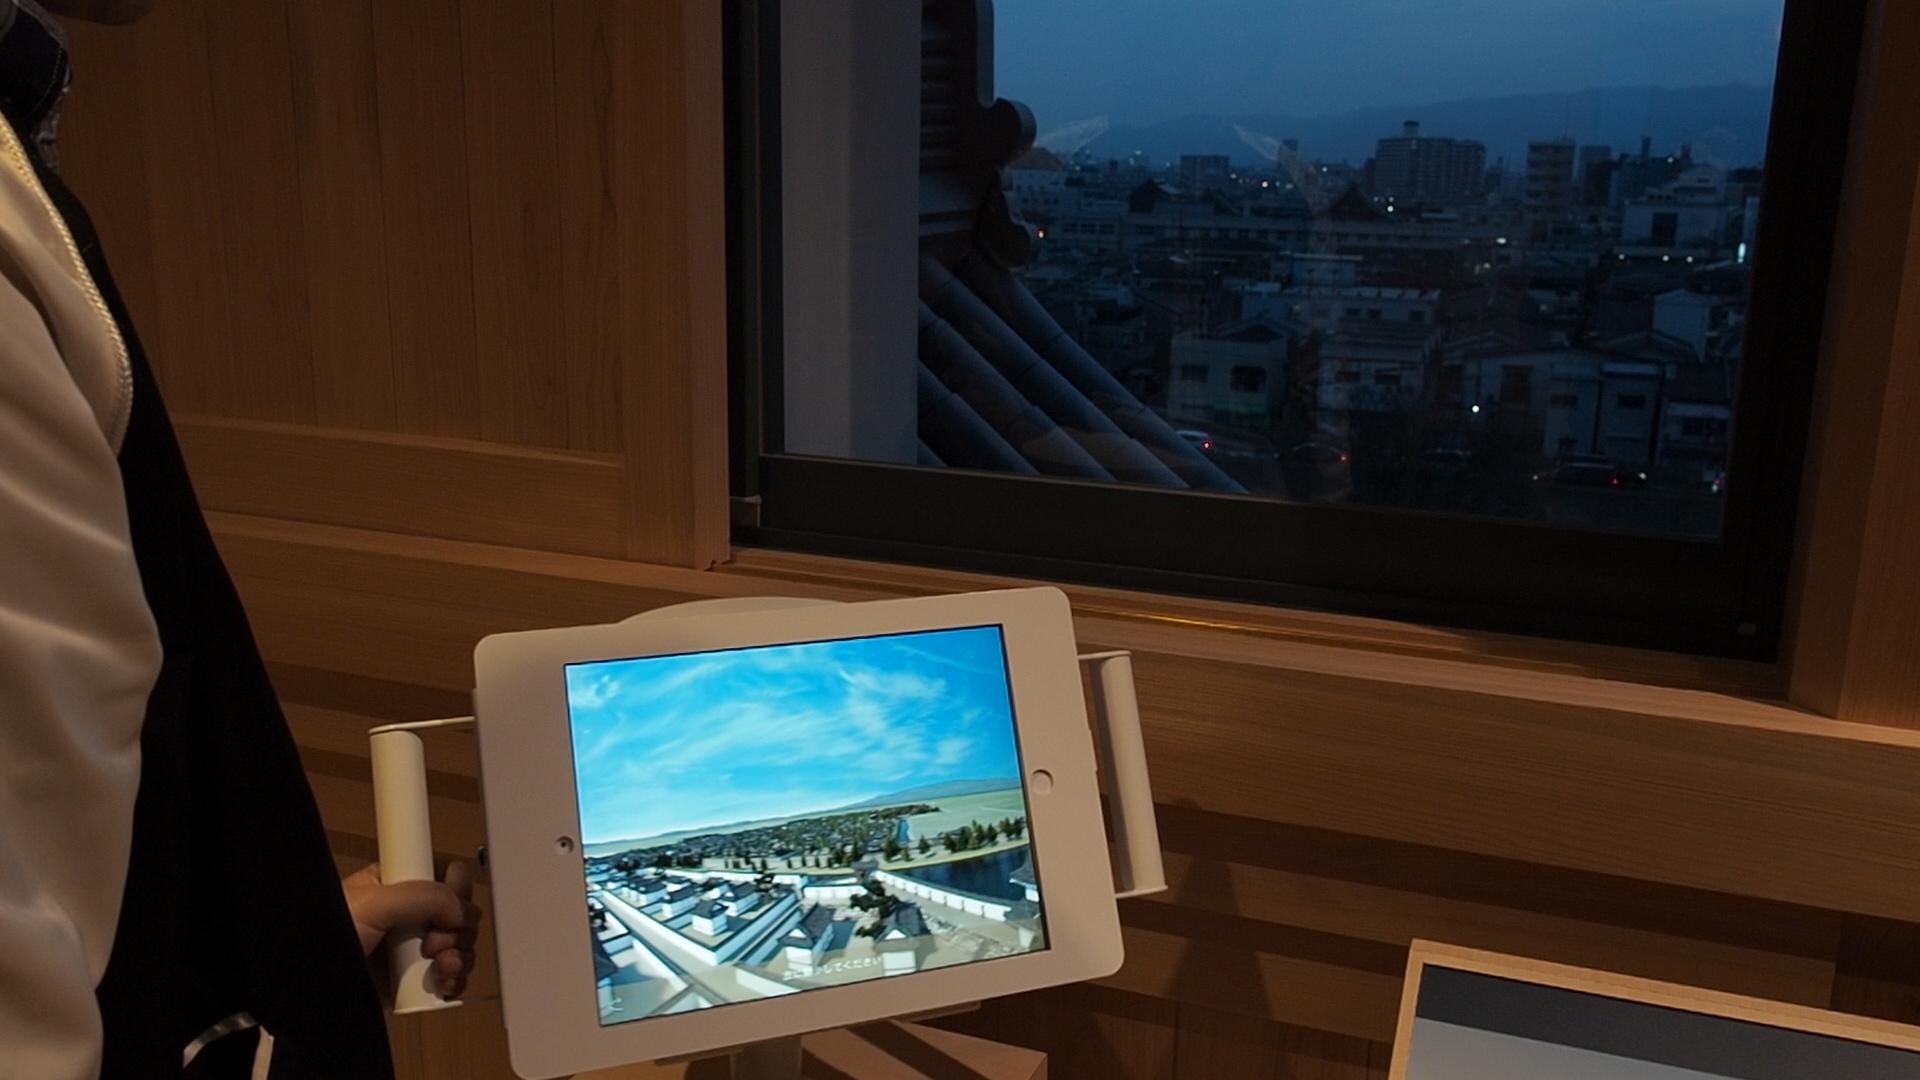 尼崎城 - QTVR コンテンツ画像01